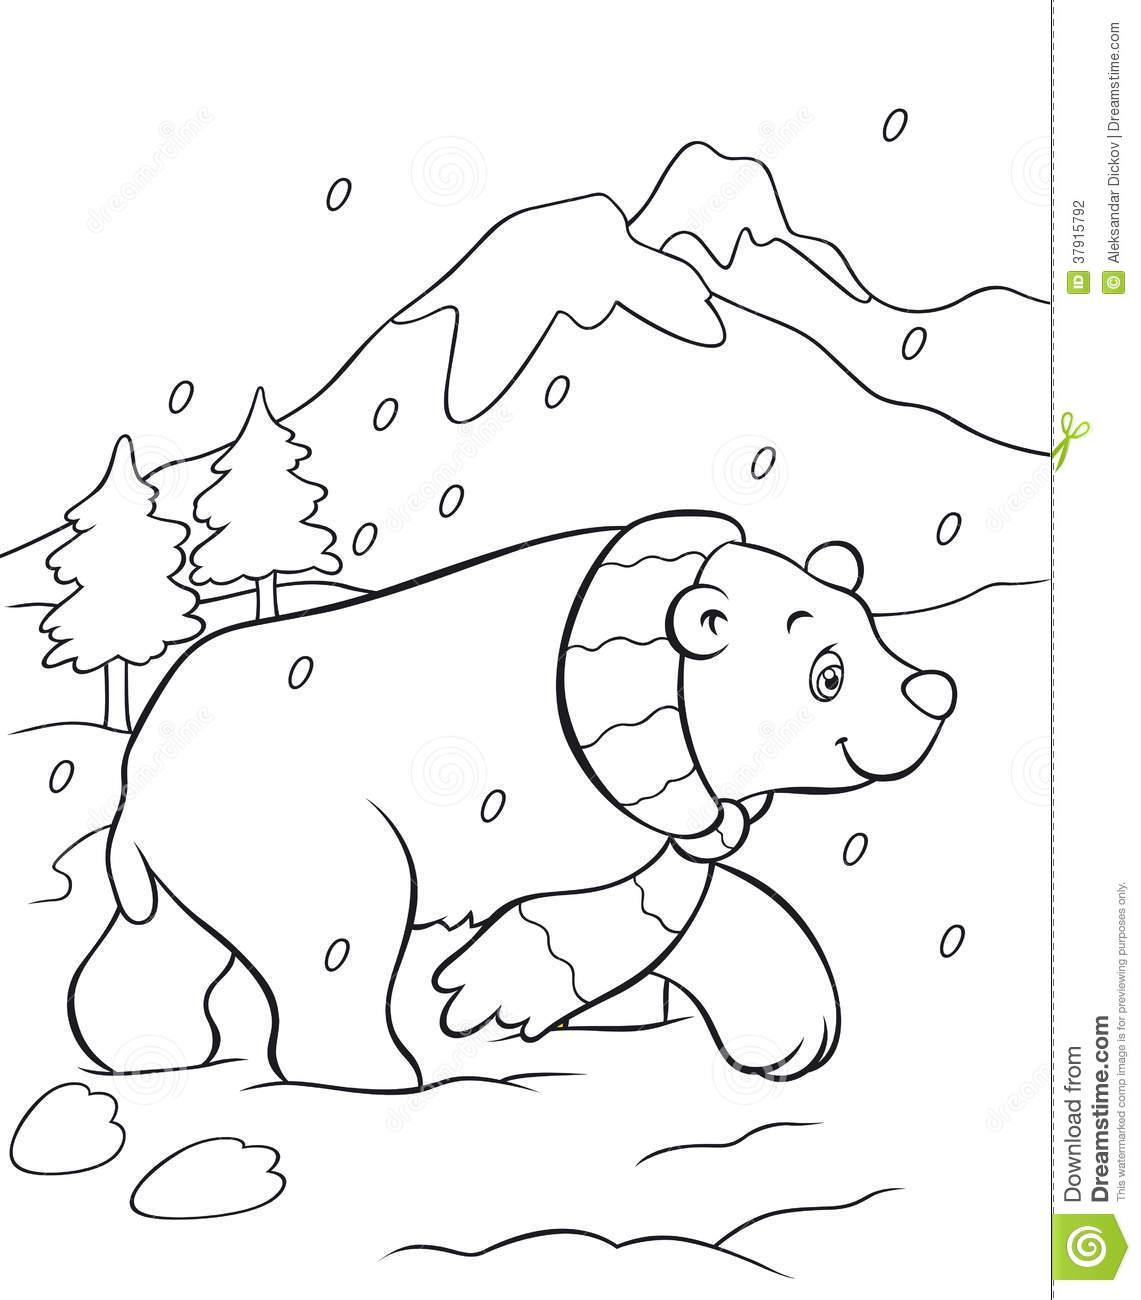 16 dessins de coloriage ours polaire en ligne imprimer - Orsi polari pagine da colorare ...